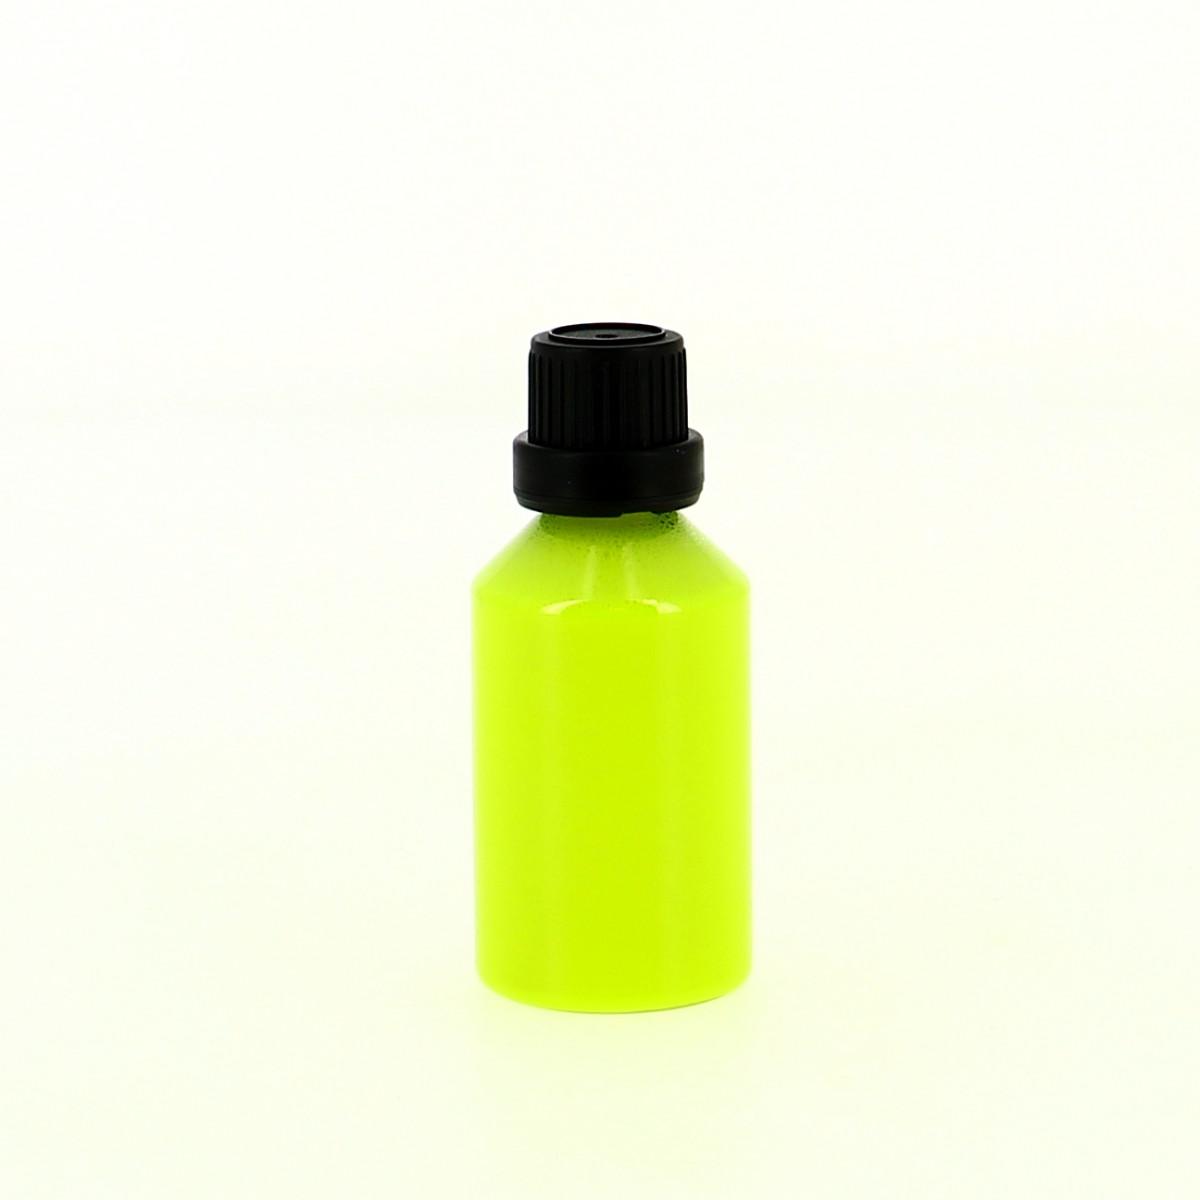 Colorant liquide opaque Jaune